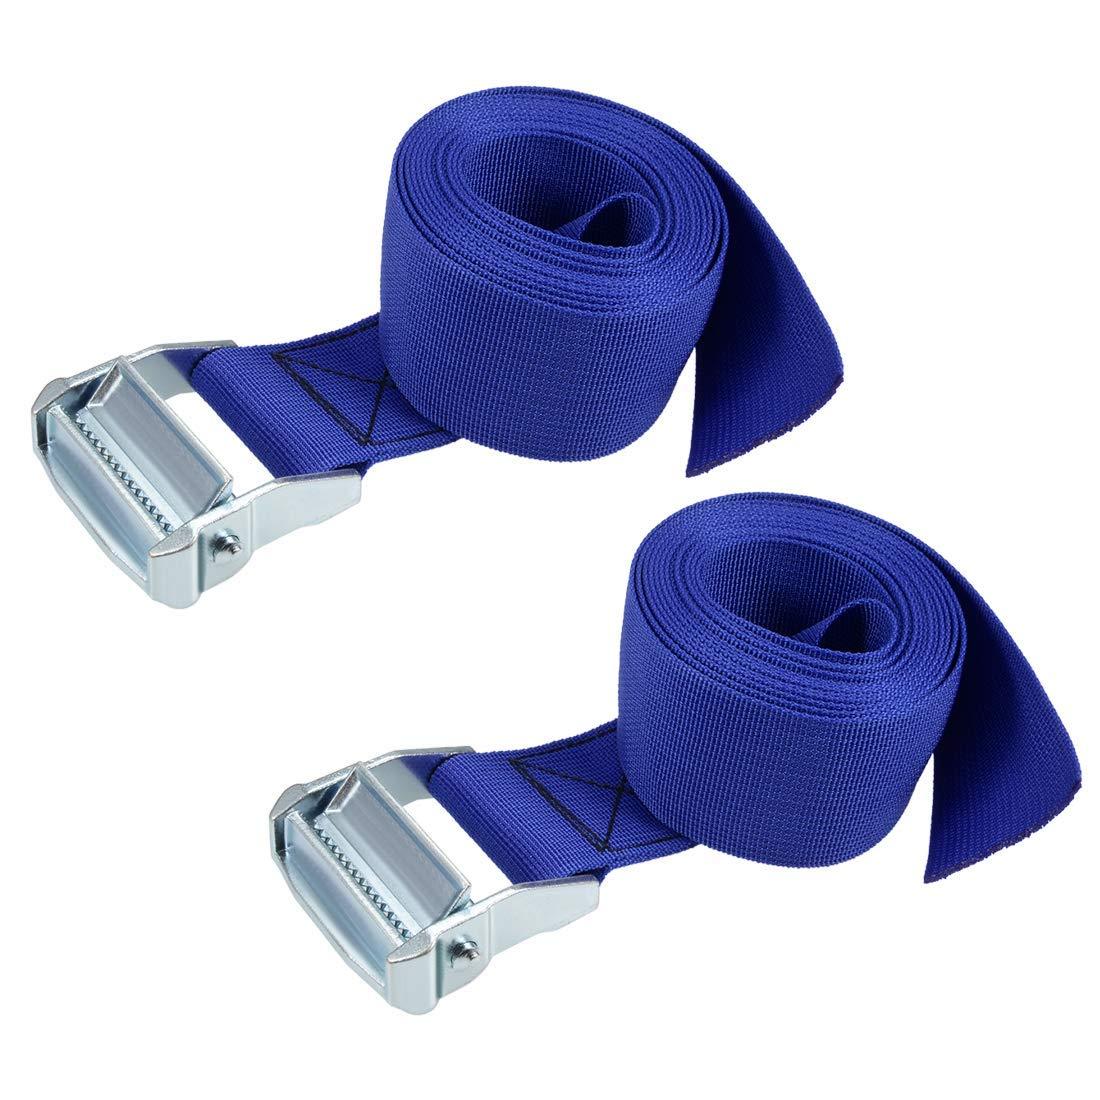 ZCHXD 3Meters x 5cm Lashing Strap Cargo Tie Down Straps w ...